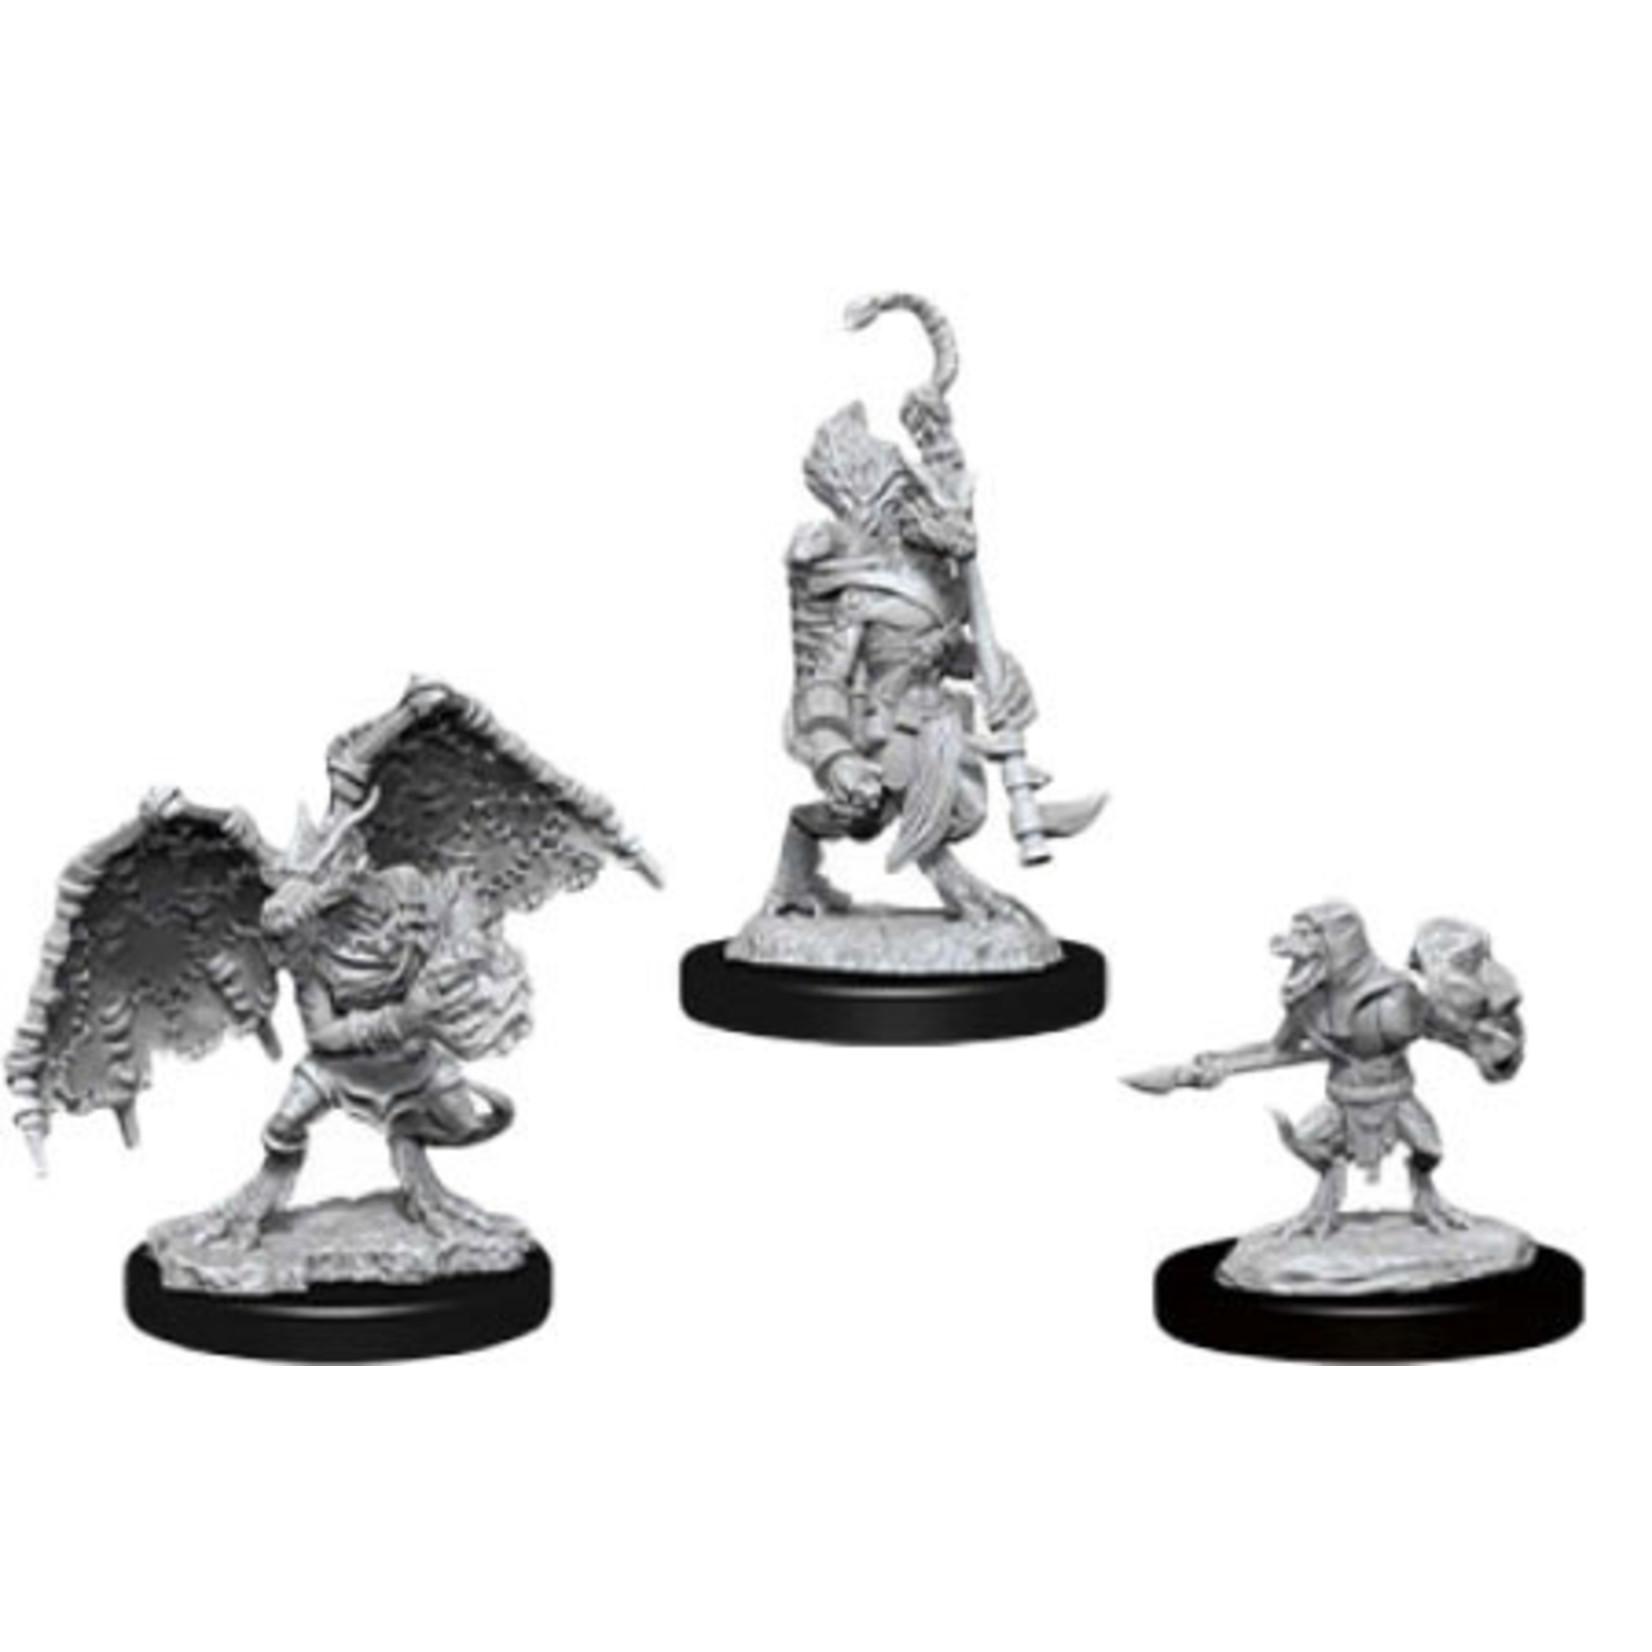 WizKids/Neca 90064 Nolzur's Kobold Inventor, Dragonshield & Sorcerer